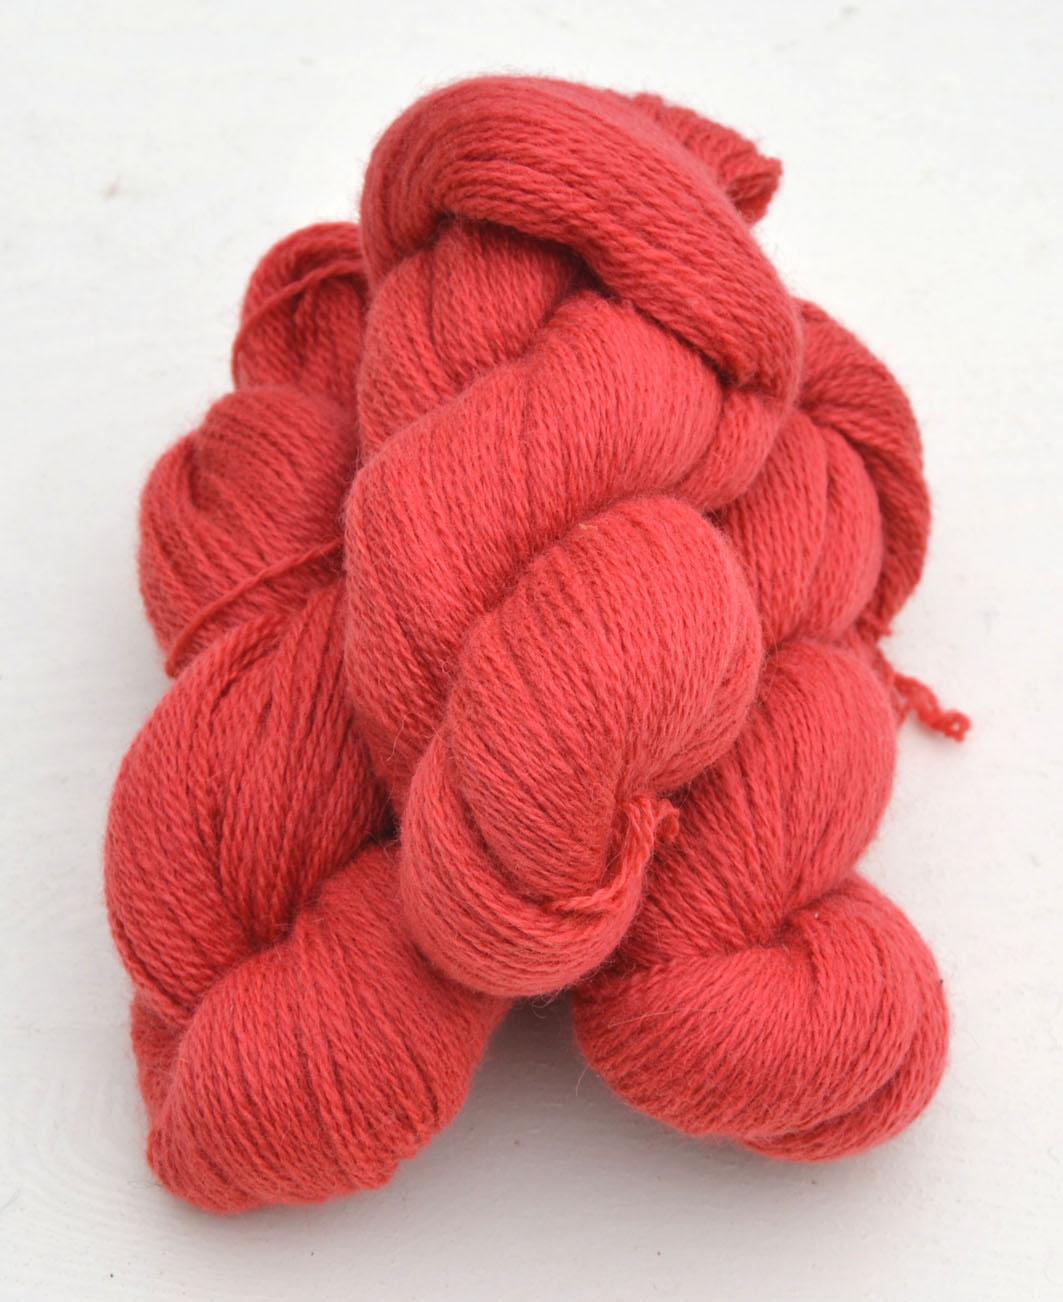 Ullcentrum 6/2-1161 Lachsrosa auf weißer Wolle Salmon pink on White Wool laxrosa